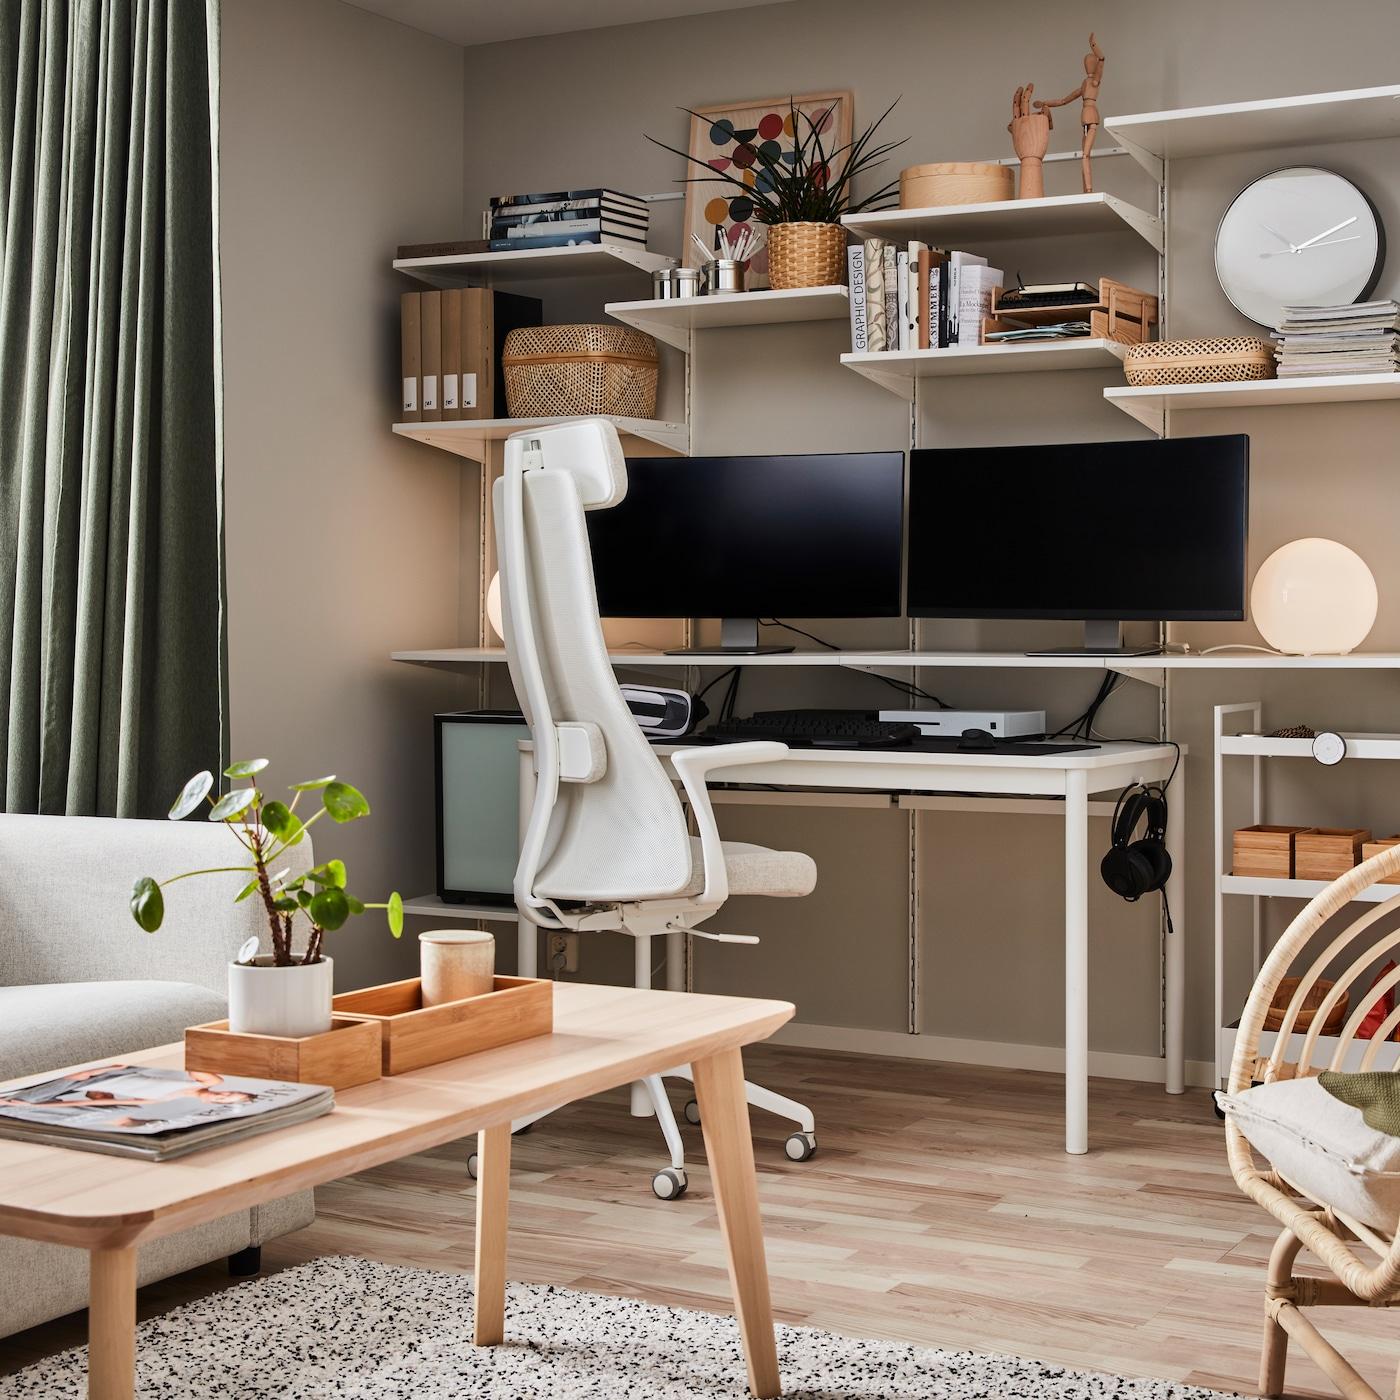 Wandregale, auf denen sich u. a. zwei Computerbildschirme und Bücher befinden; darunter stehen ein Couchtisch in Eschenfurnier und ein Drehstuhl in Beige/Weiß.